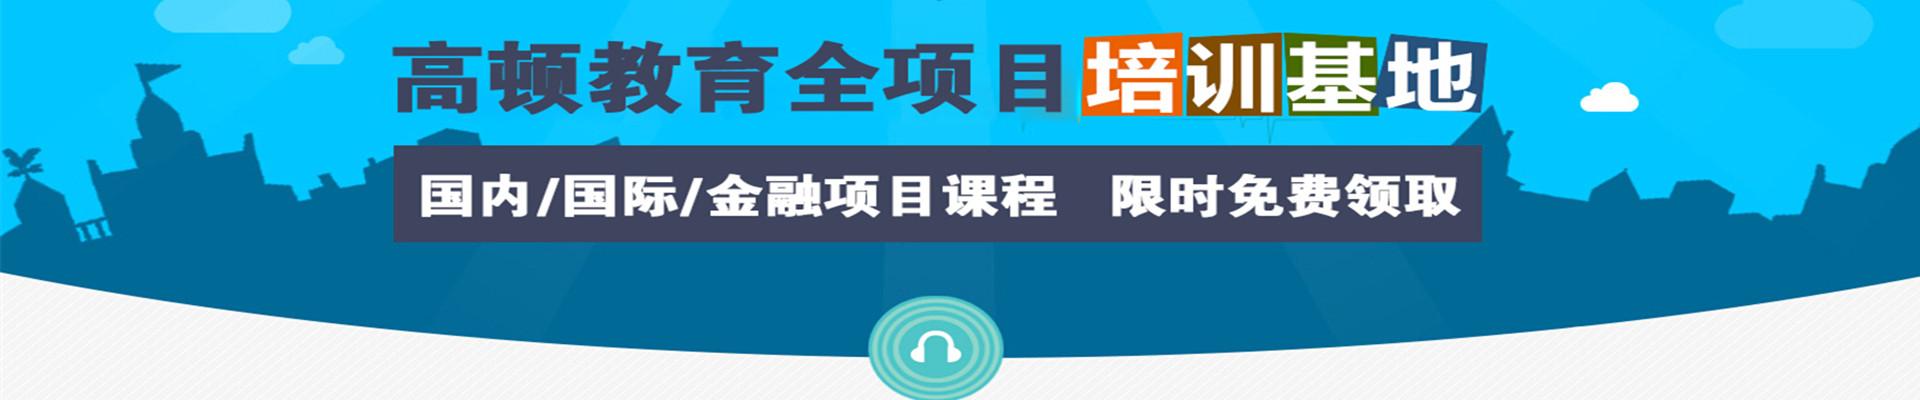 南昌高顿财经江财蛟桥校区